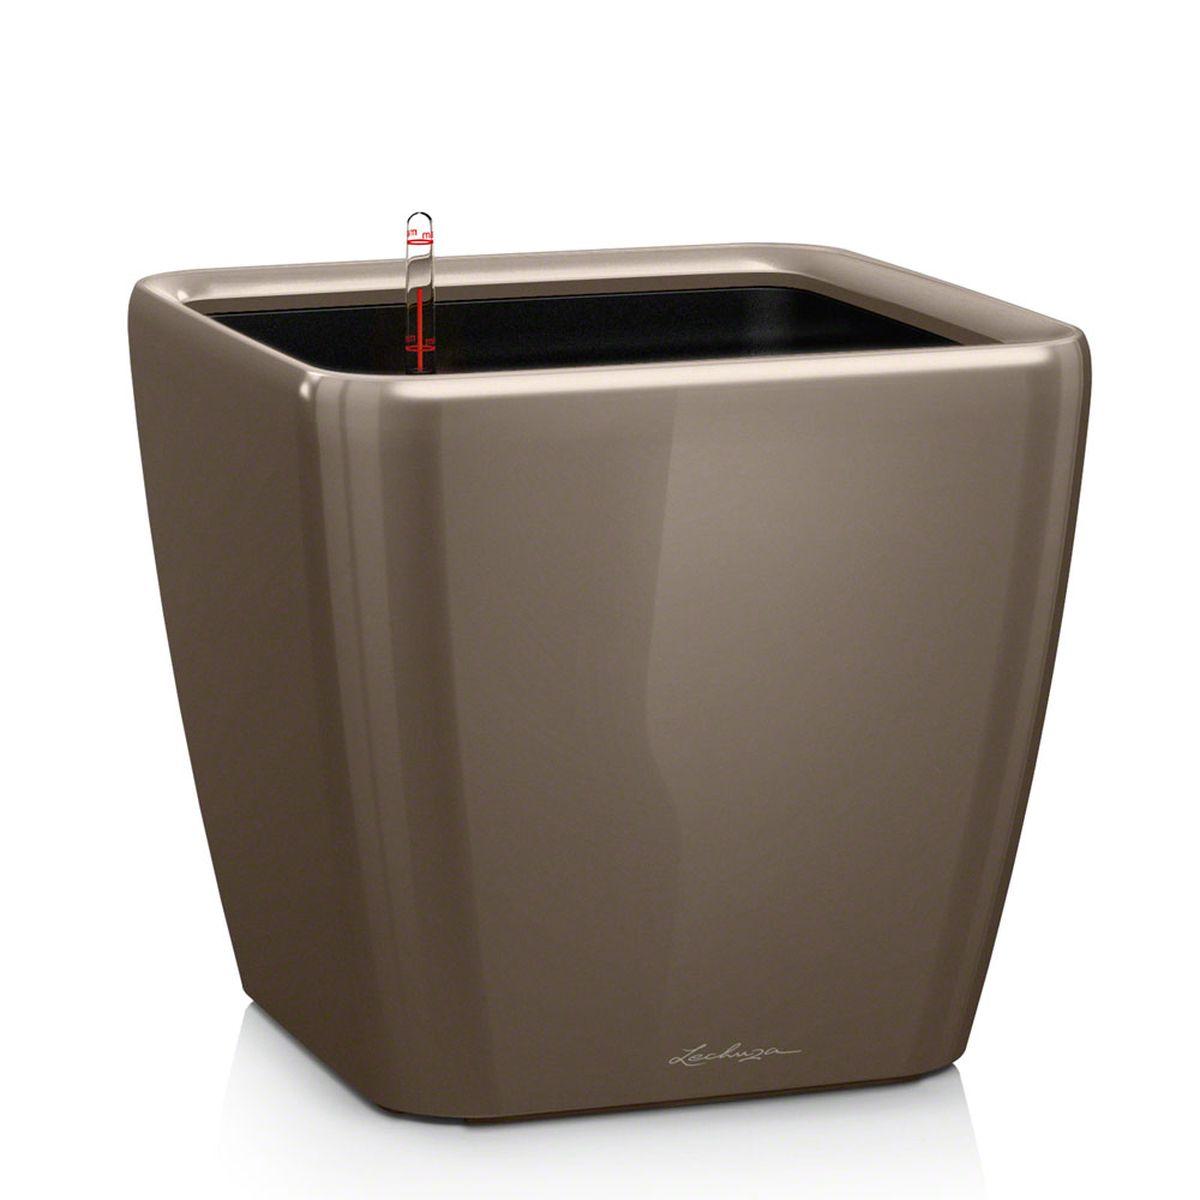 Кашпо Lechuza Quadro, с системой автополива, цвет: серо-коричневый, 28 х 28 х 26 см16145Кашпо Lechuza Quadro, выполненное из высококачественного пластика, имеет уникальную систему автополива, благодаря которой корневая система растения непрерывно снабжается влагой из резервуара. Уровень воды в резервуаре контролируется с помощью специального индикатора. В зависимости от размера кашпо и растения воды хватает на 2-12 недель. Это способствует хорошему росту цветов и предотвращает переувлажнение. В набор входит: кашпо, внутренний горшок с выдвижной эргономичной ручкой, индикатор уровня воды, вал подачи воды, субстрат растений в качестве дренажного слоя, резервуар для воды. Кашпо Lechuza Quadro прекрасно впишется в любой интерьер. Оно поможет расставить нужные акценты, а также придаст помещению вид, соответствующий вашим представлениям.